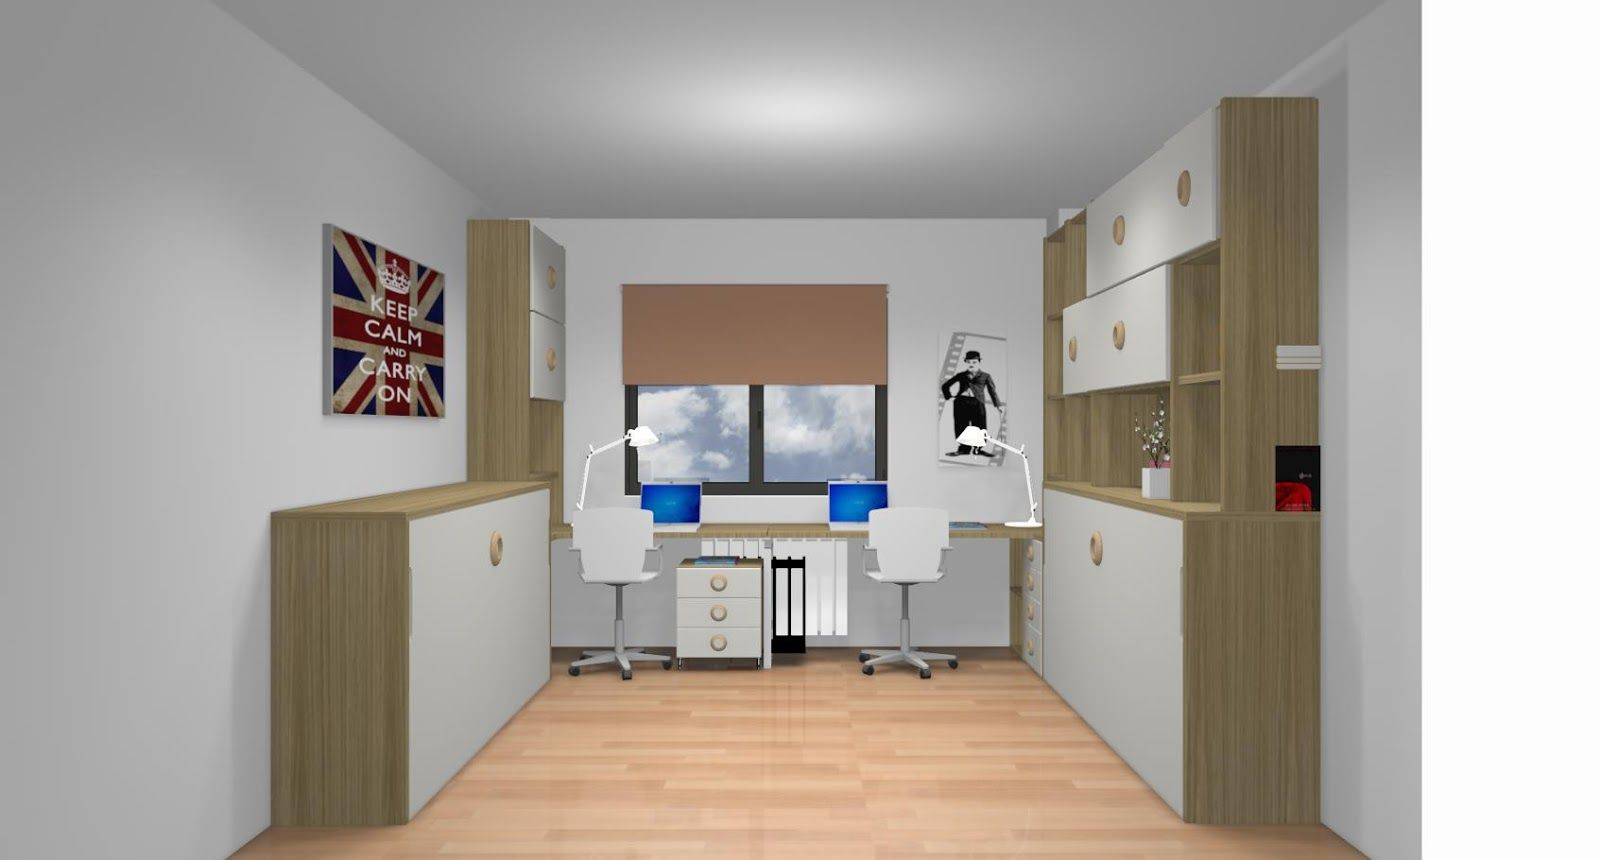 Dormitorios juveniles a medida en madrid proyectos de decoracion - Dormitorios juveniles en madrid ...